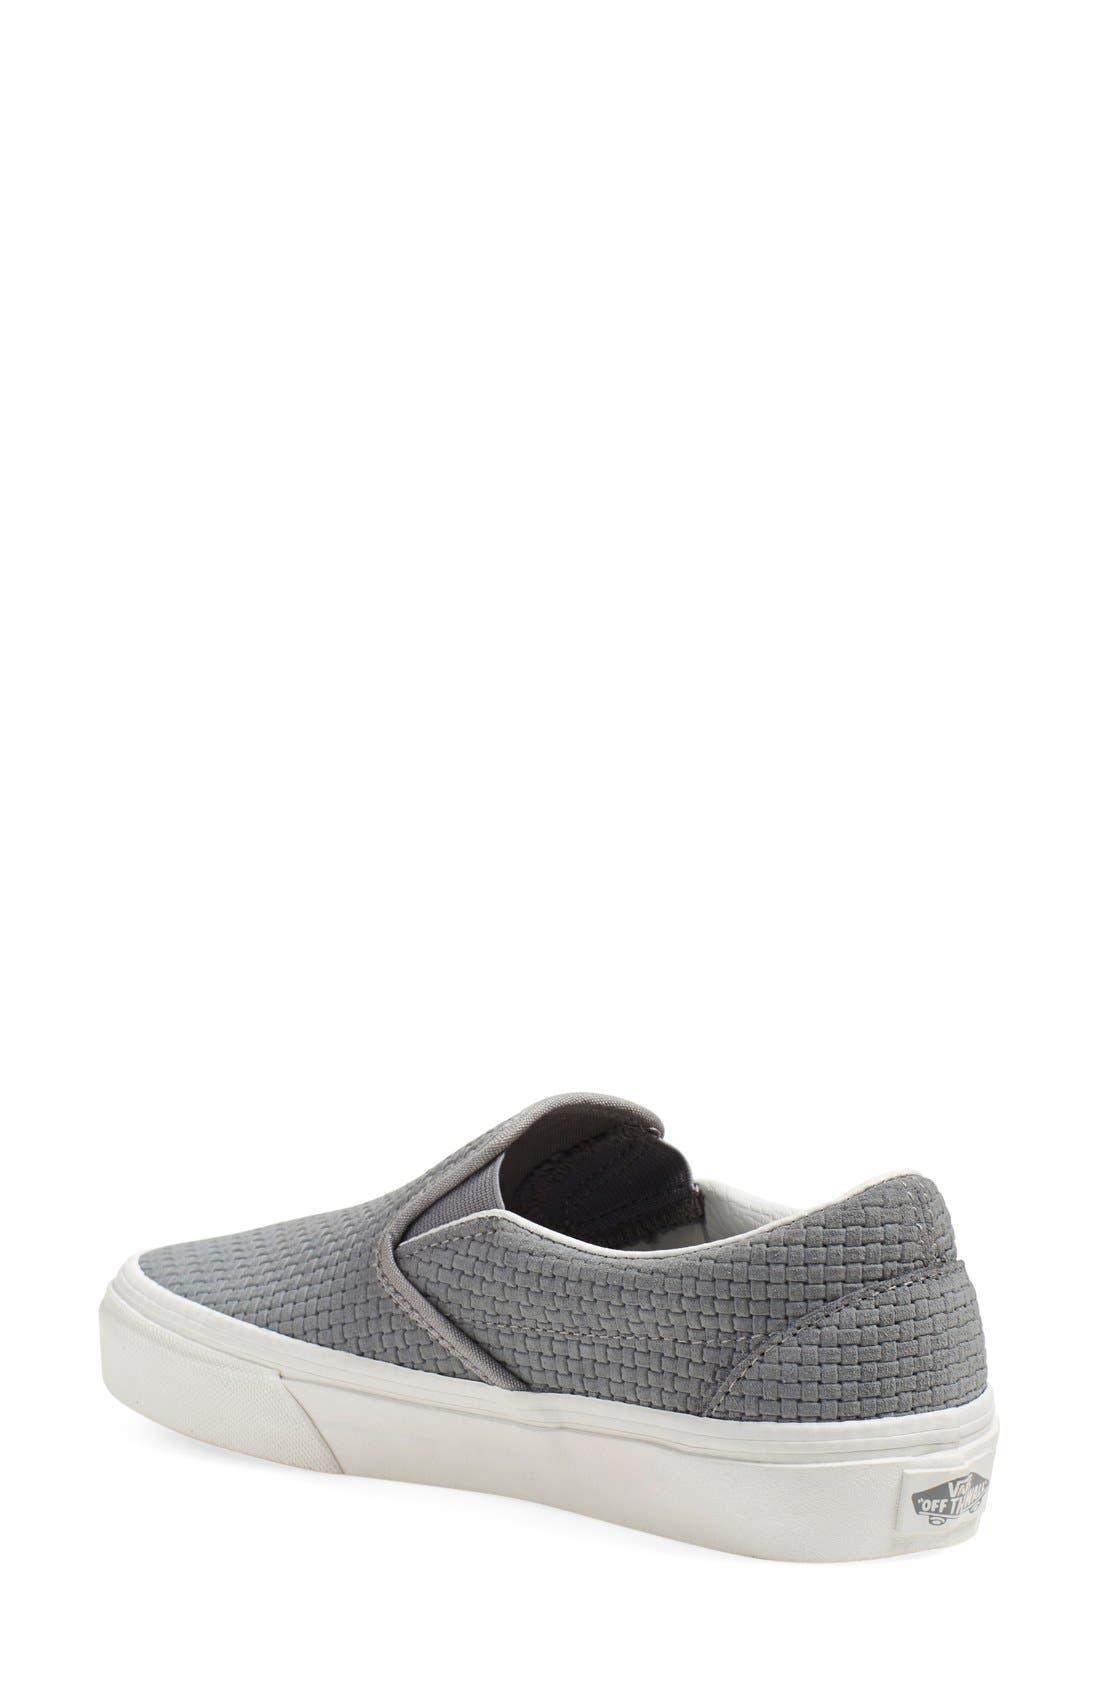 ,                             Classic Slip-On Sneaker,                             Alternate thumbnail 262, color,                             022